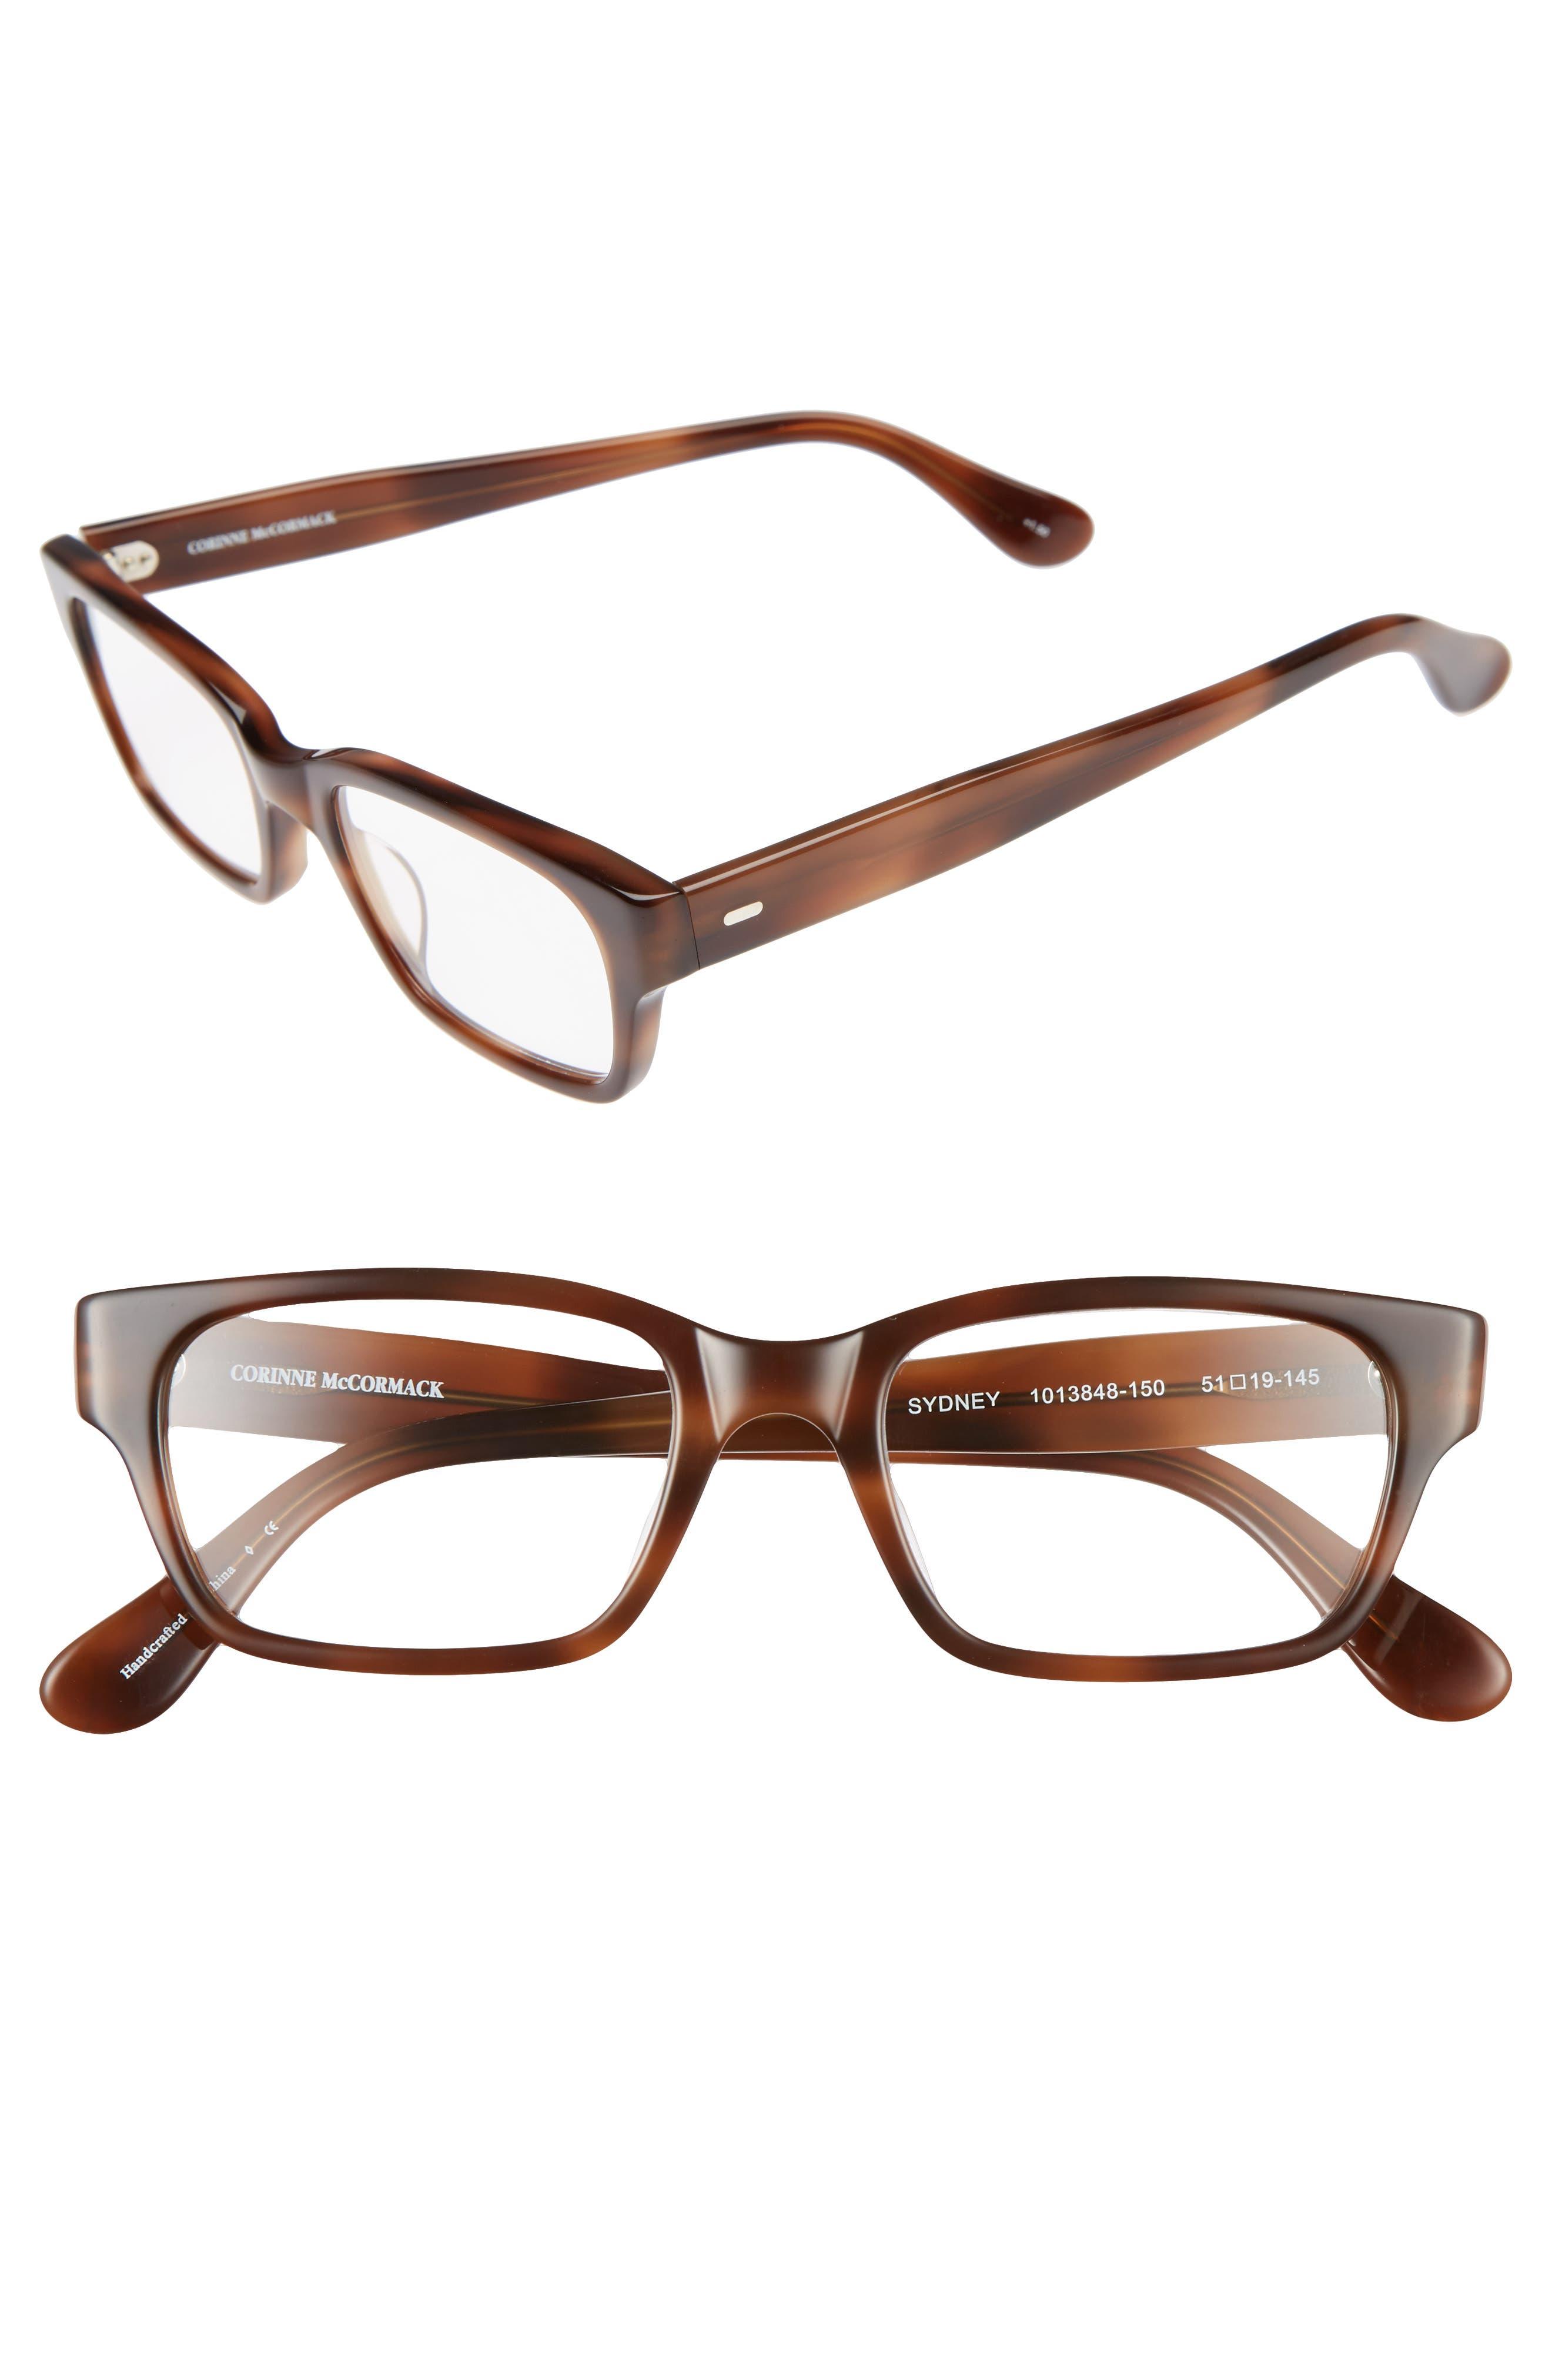 Sydney 51mm Reading Glasses,                             Alternate thumbnail 2, color,                             200